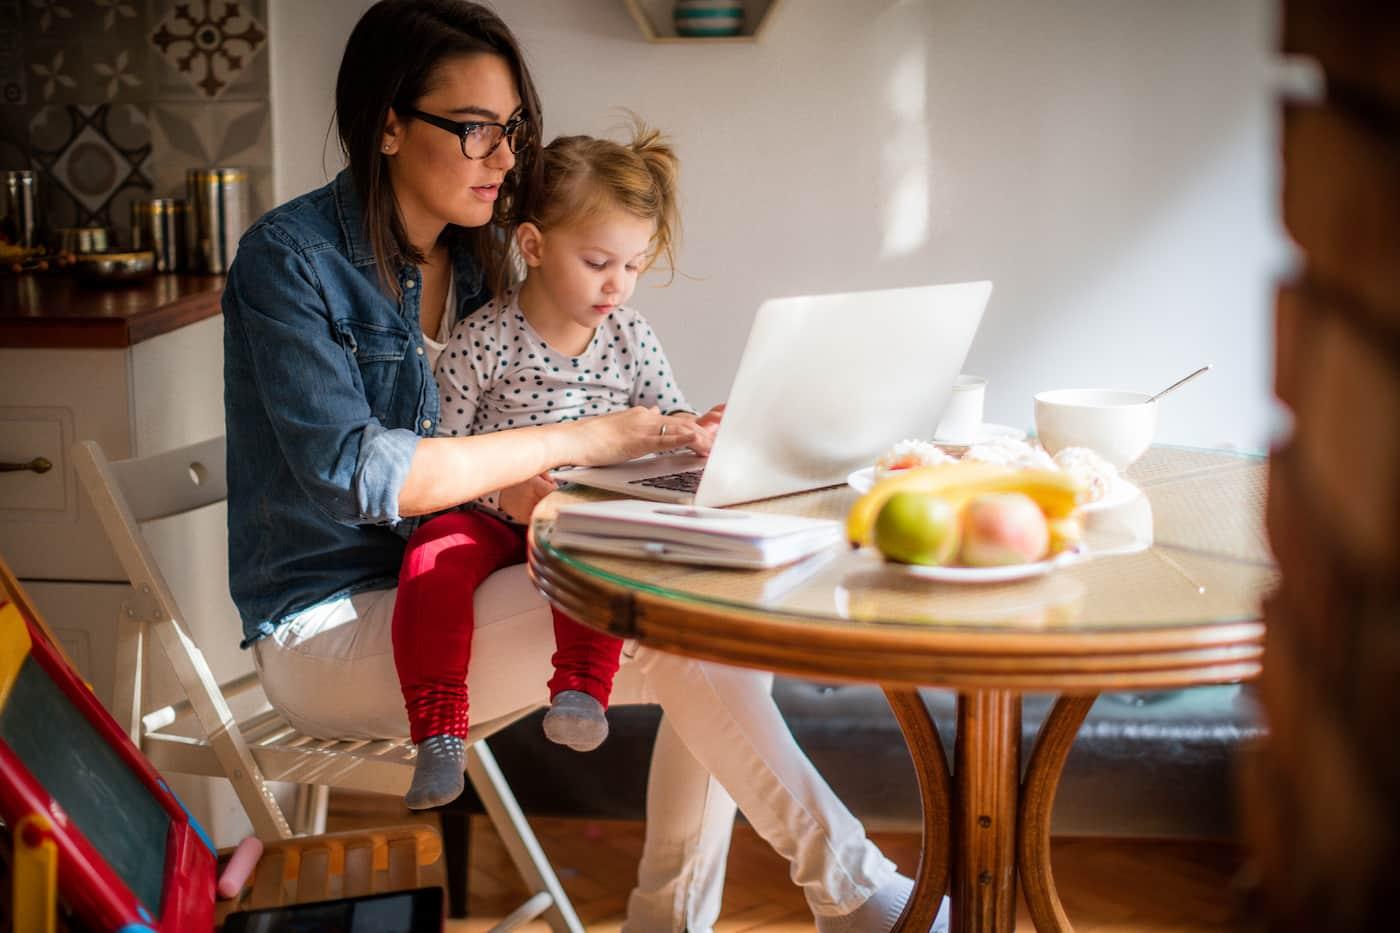 Εργαζόμενη μητέρα – πως να αποτελέσεις έμπνευση για τις κόρες σου